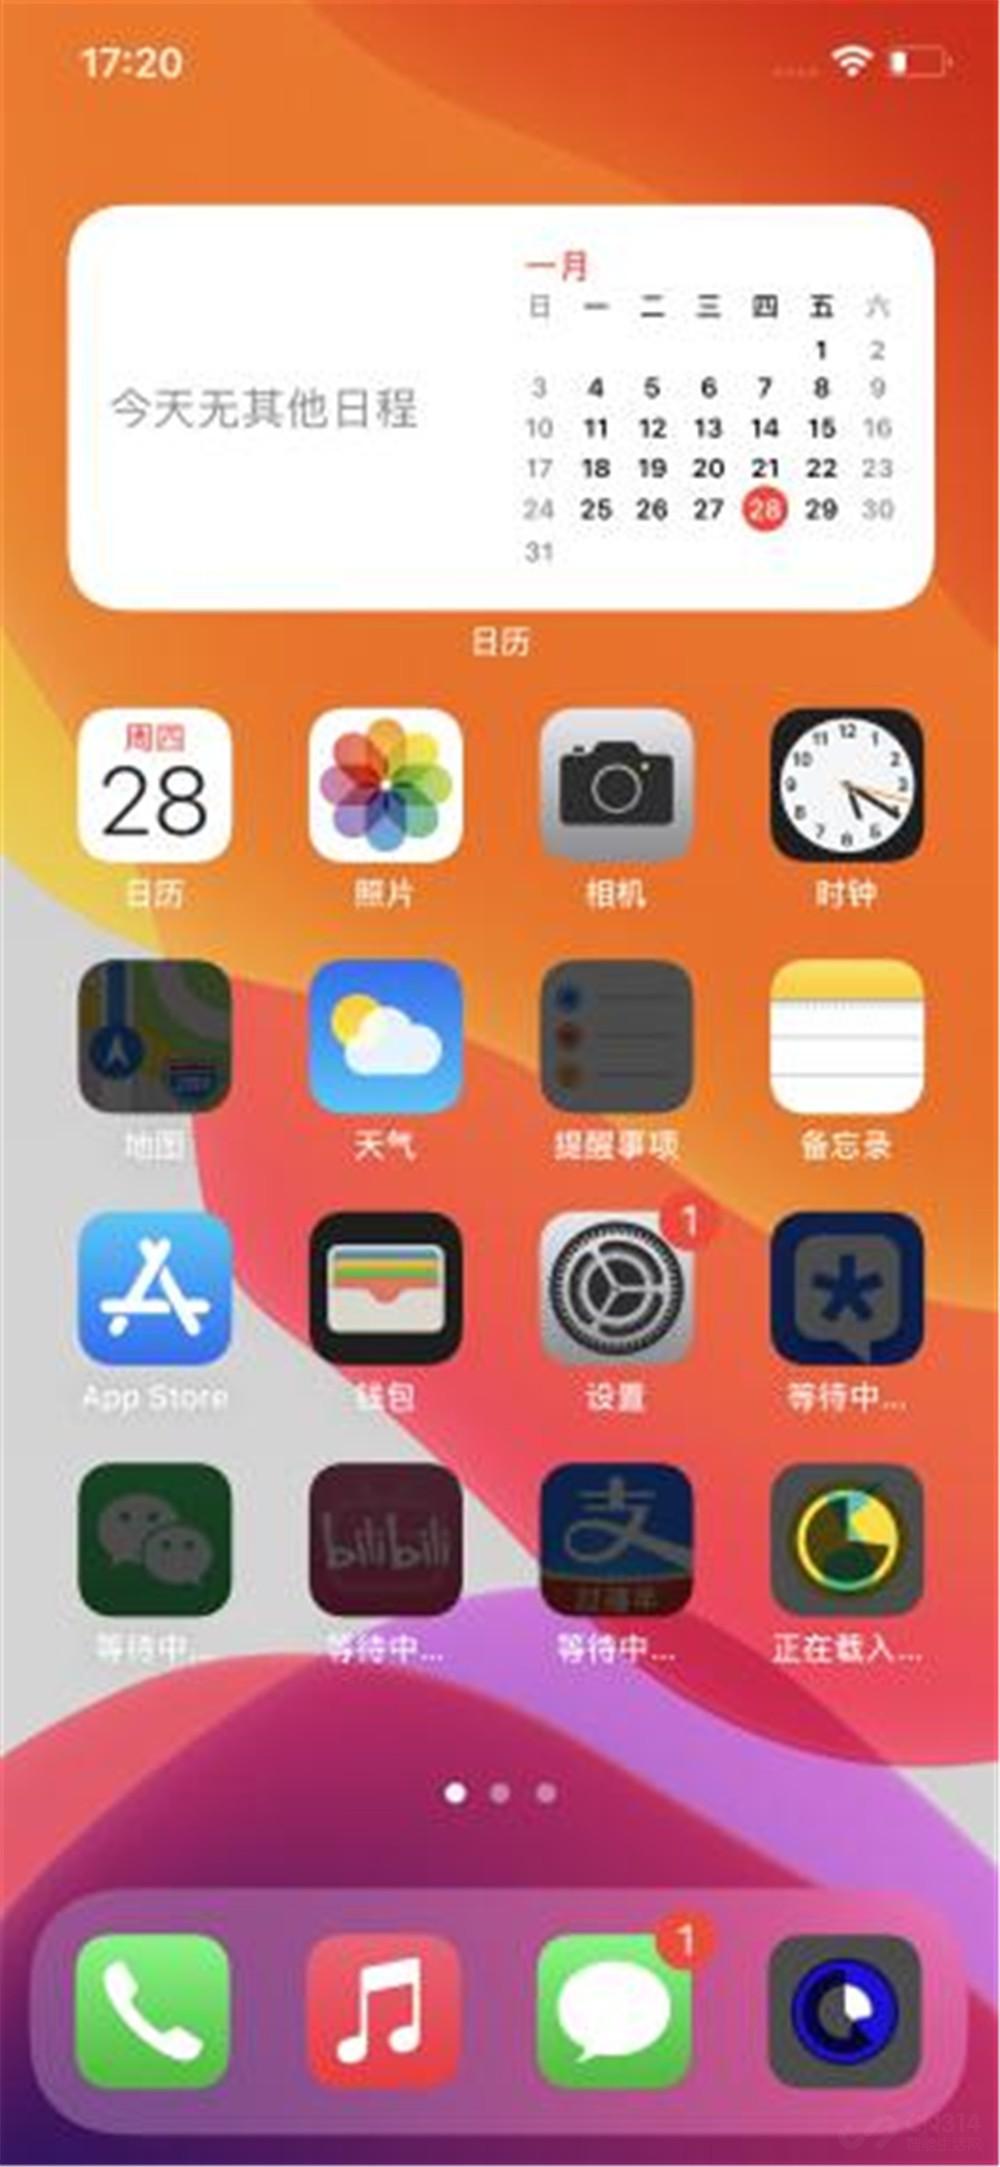 两技巧 教你把微信聊天记录转到iPhone 12插图(7)